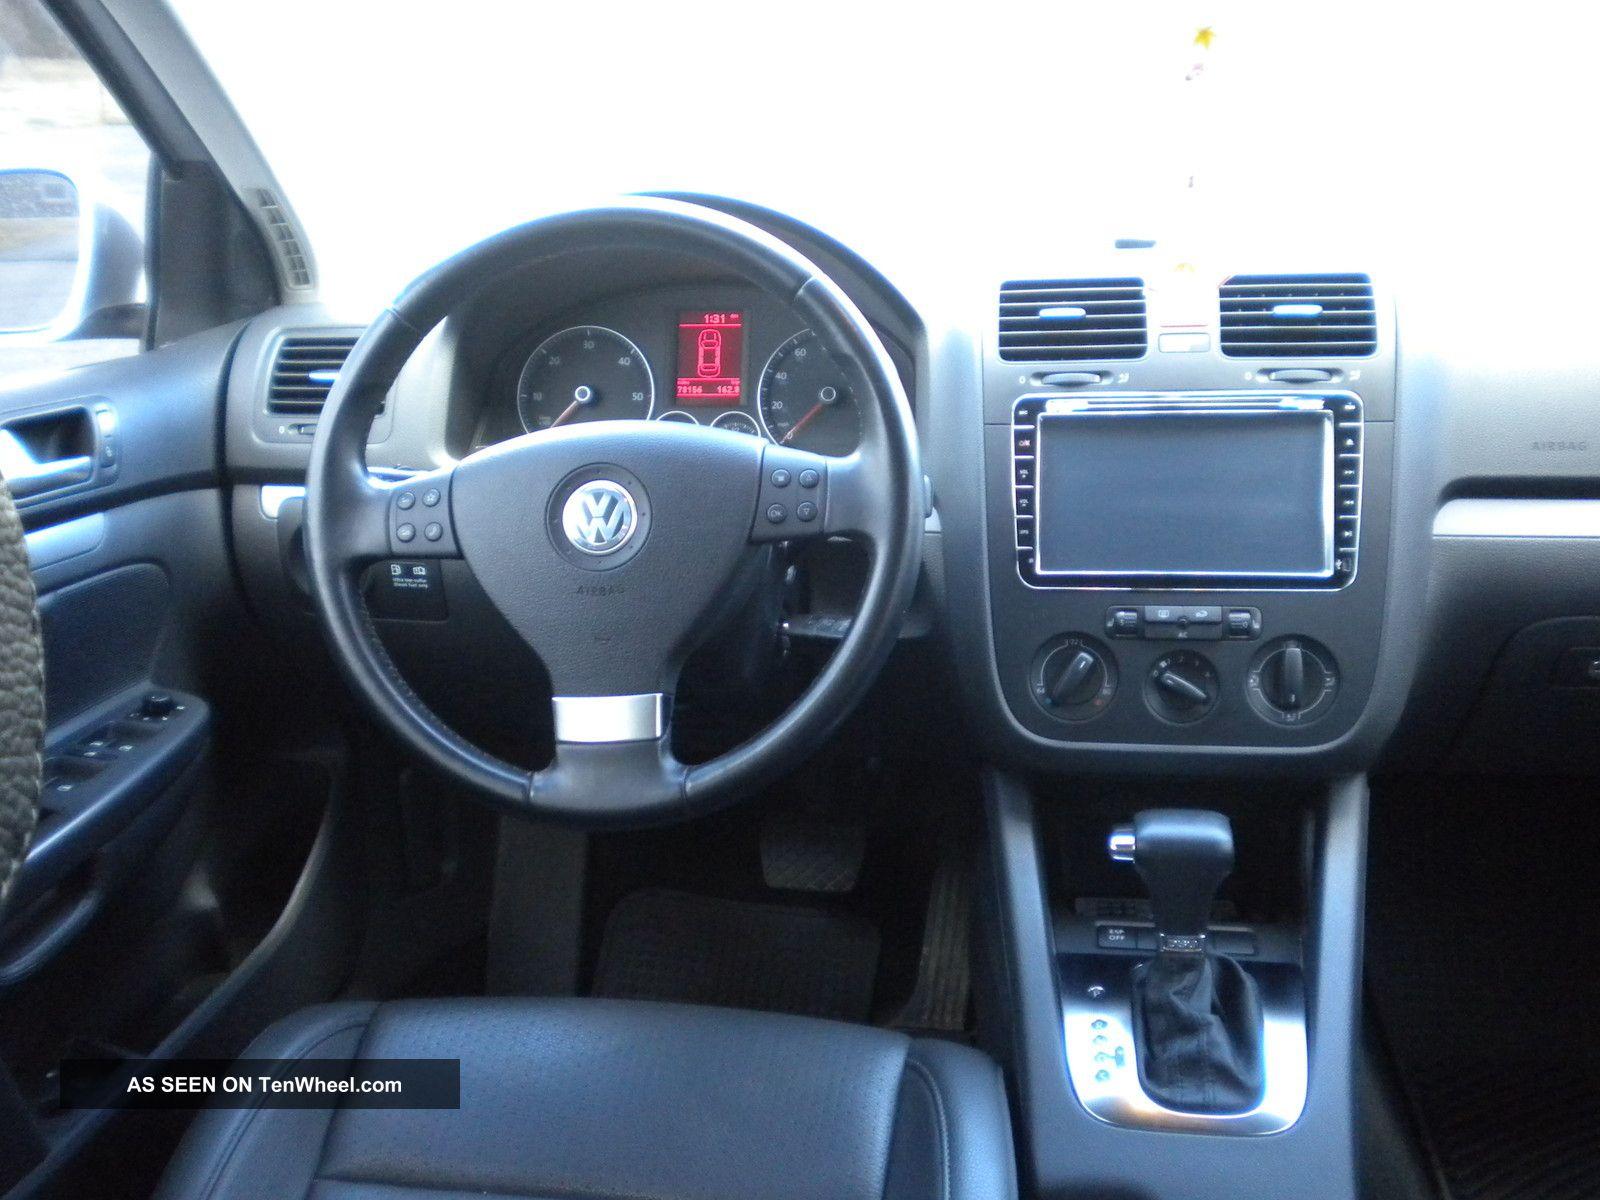 2009 Vw Jetta Tdi Turbo Diesel Auto 45mpg ' S